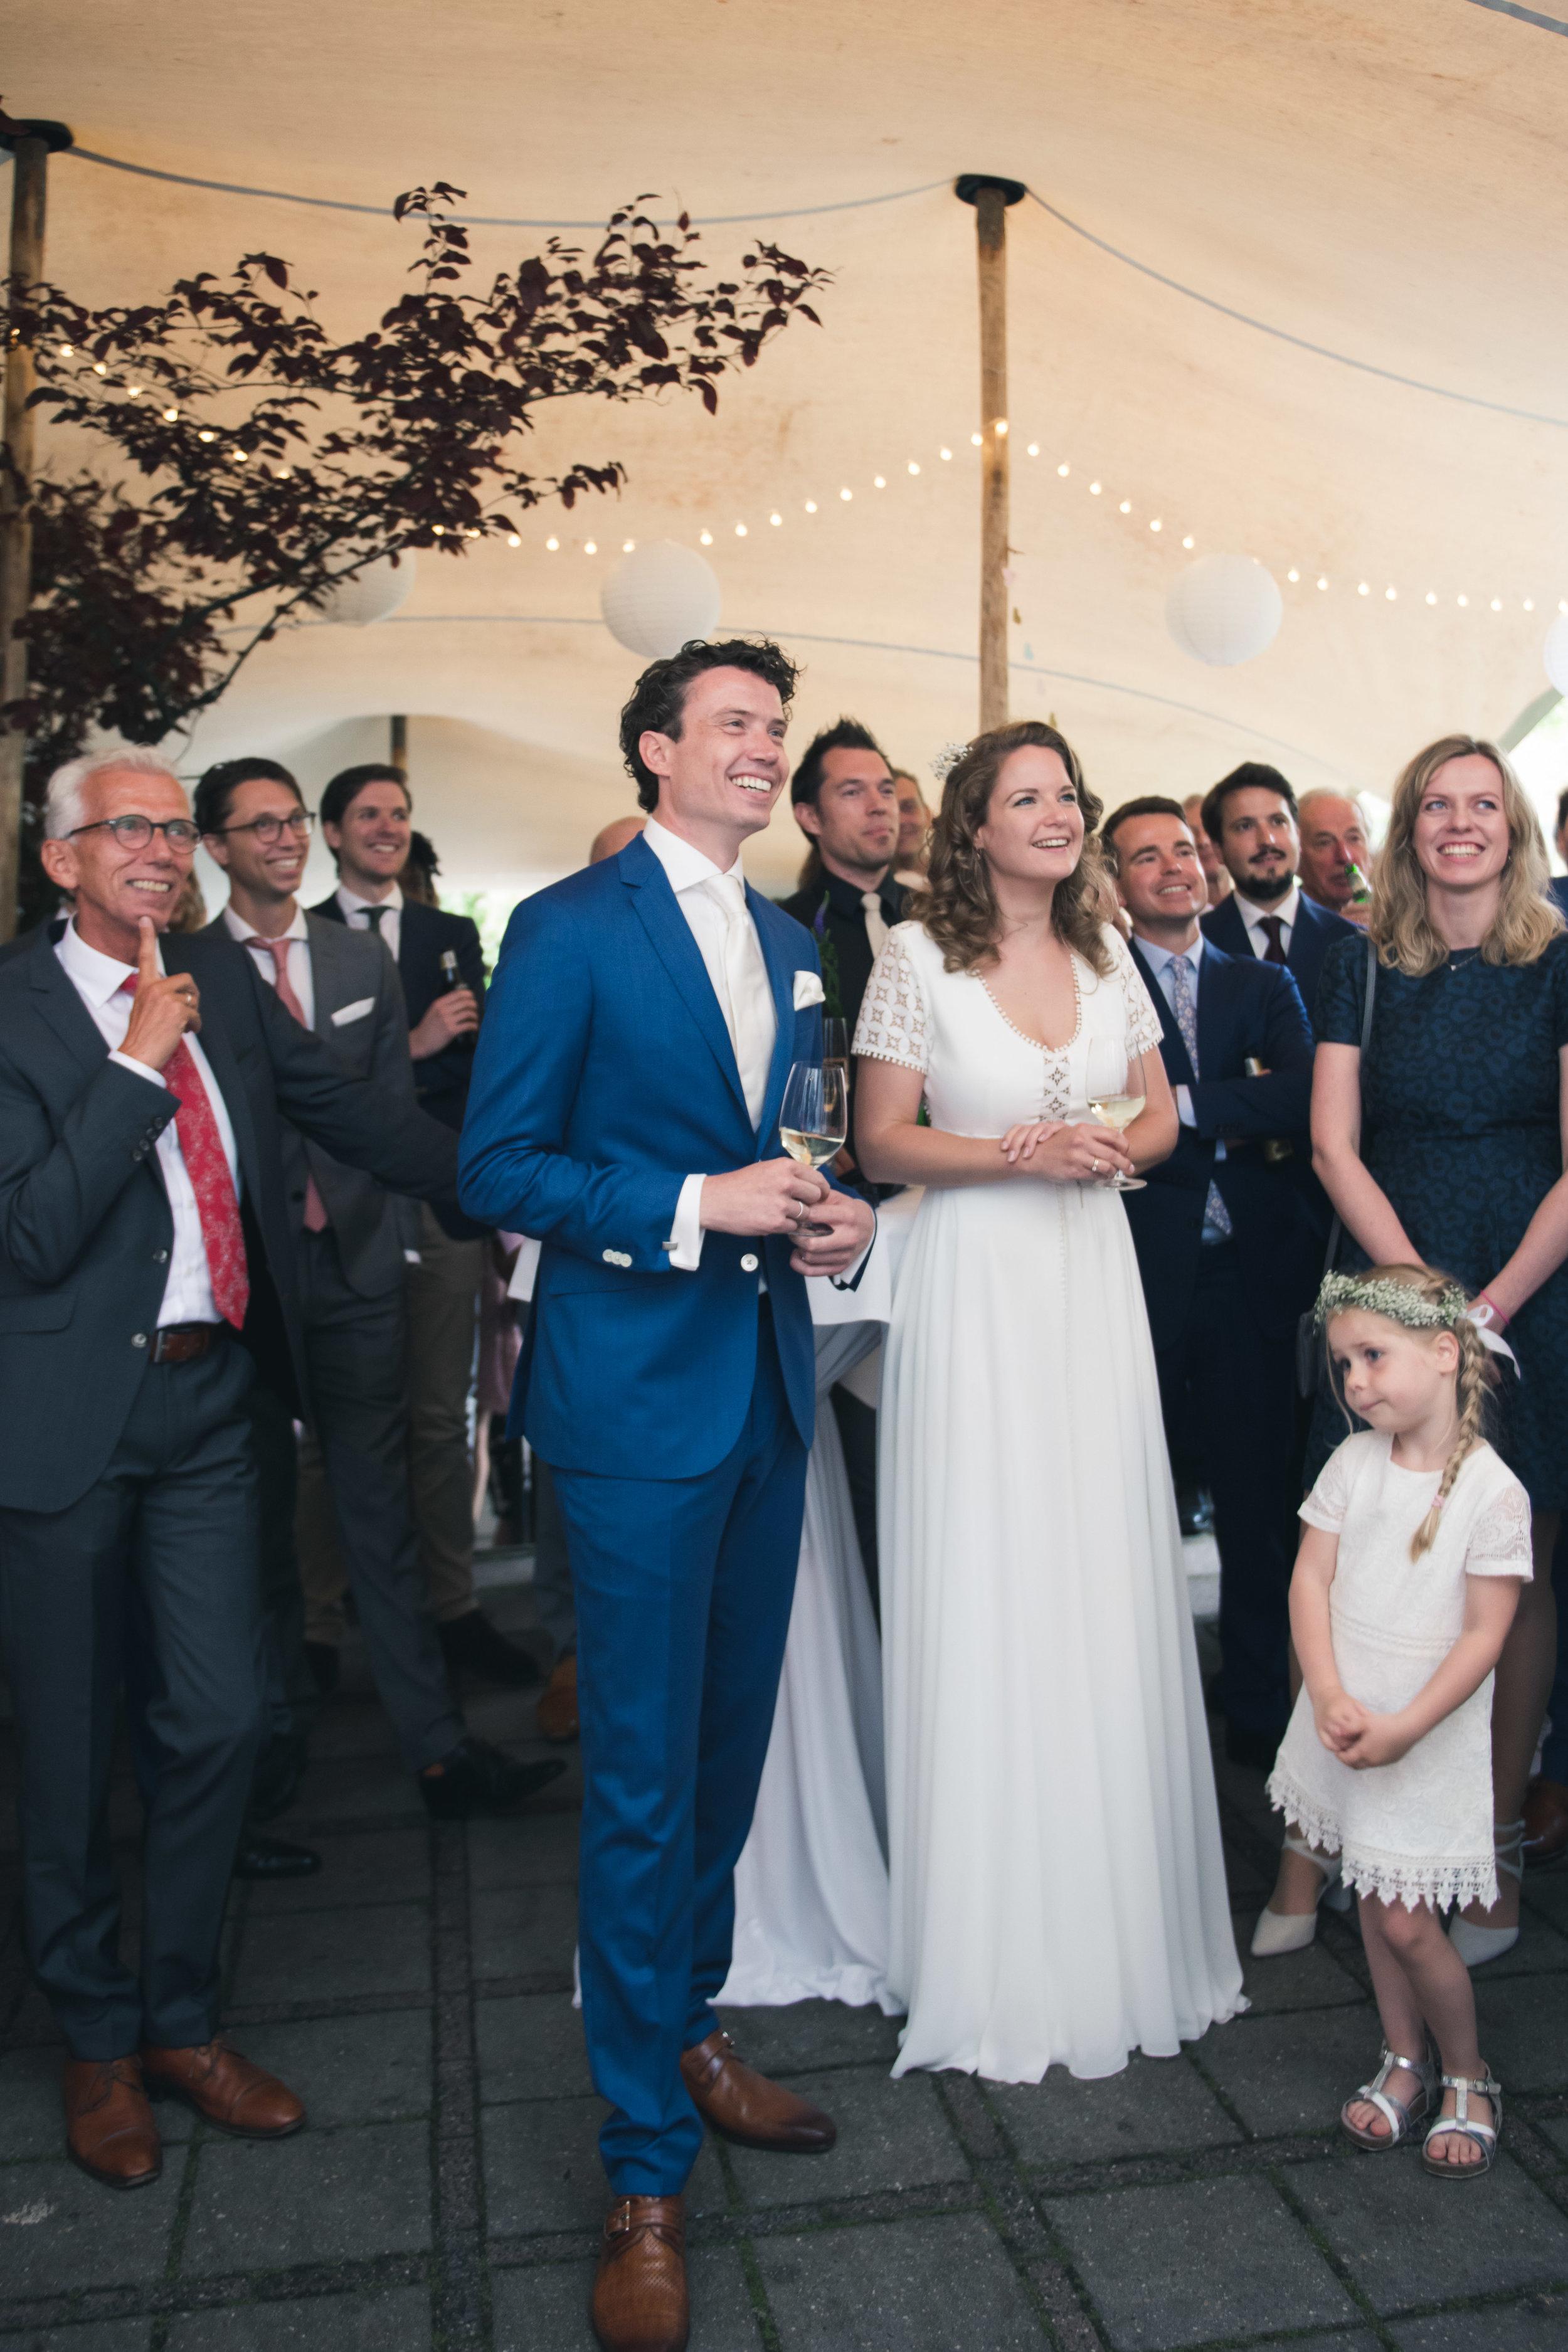 Het bruidspaar tijdens een speech. Het feest en diner vonden plaats bij de Harmonie in Rotterdam.